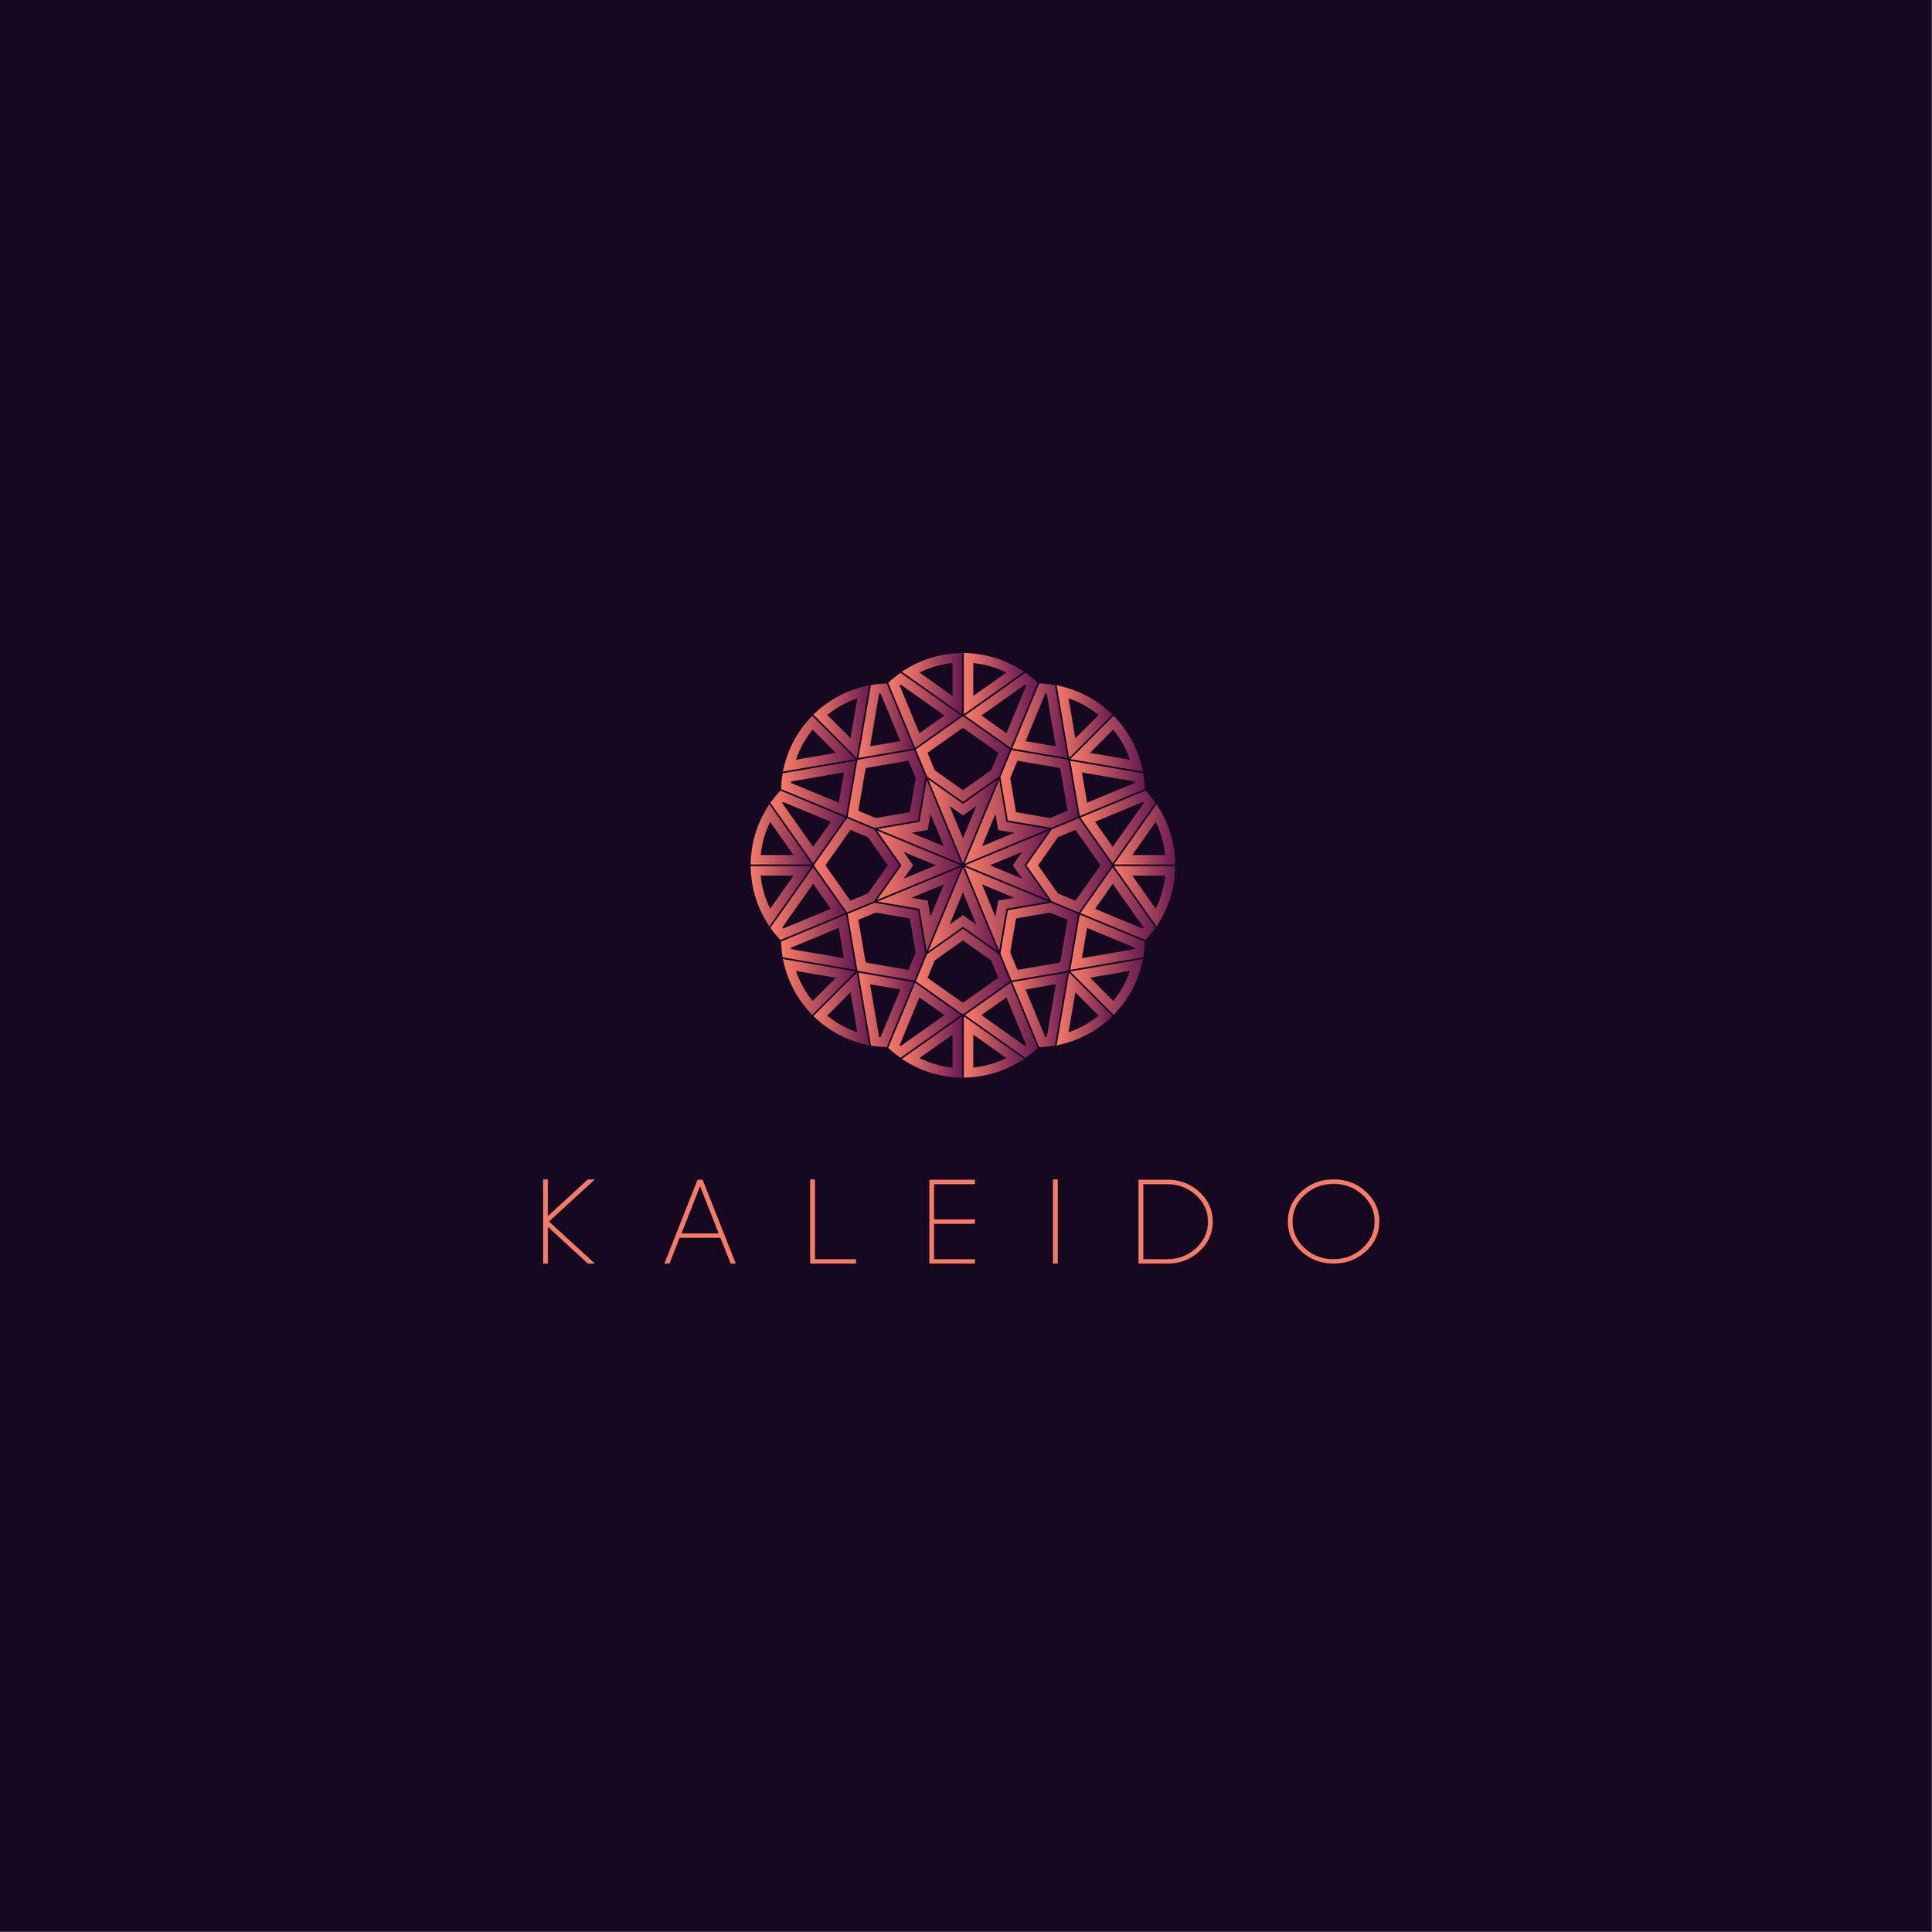 KALEID-2.jpg